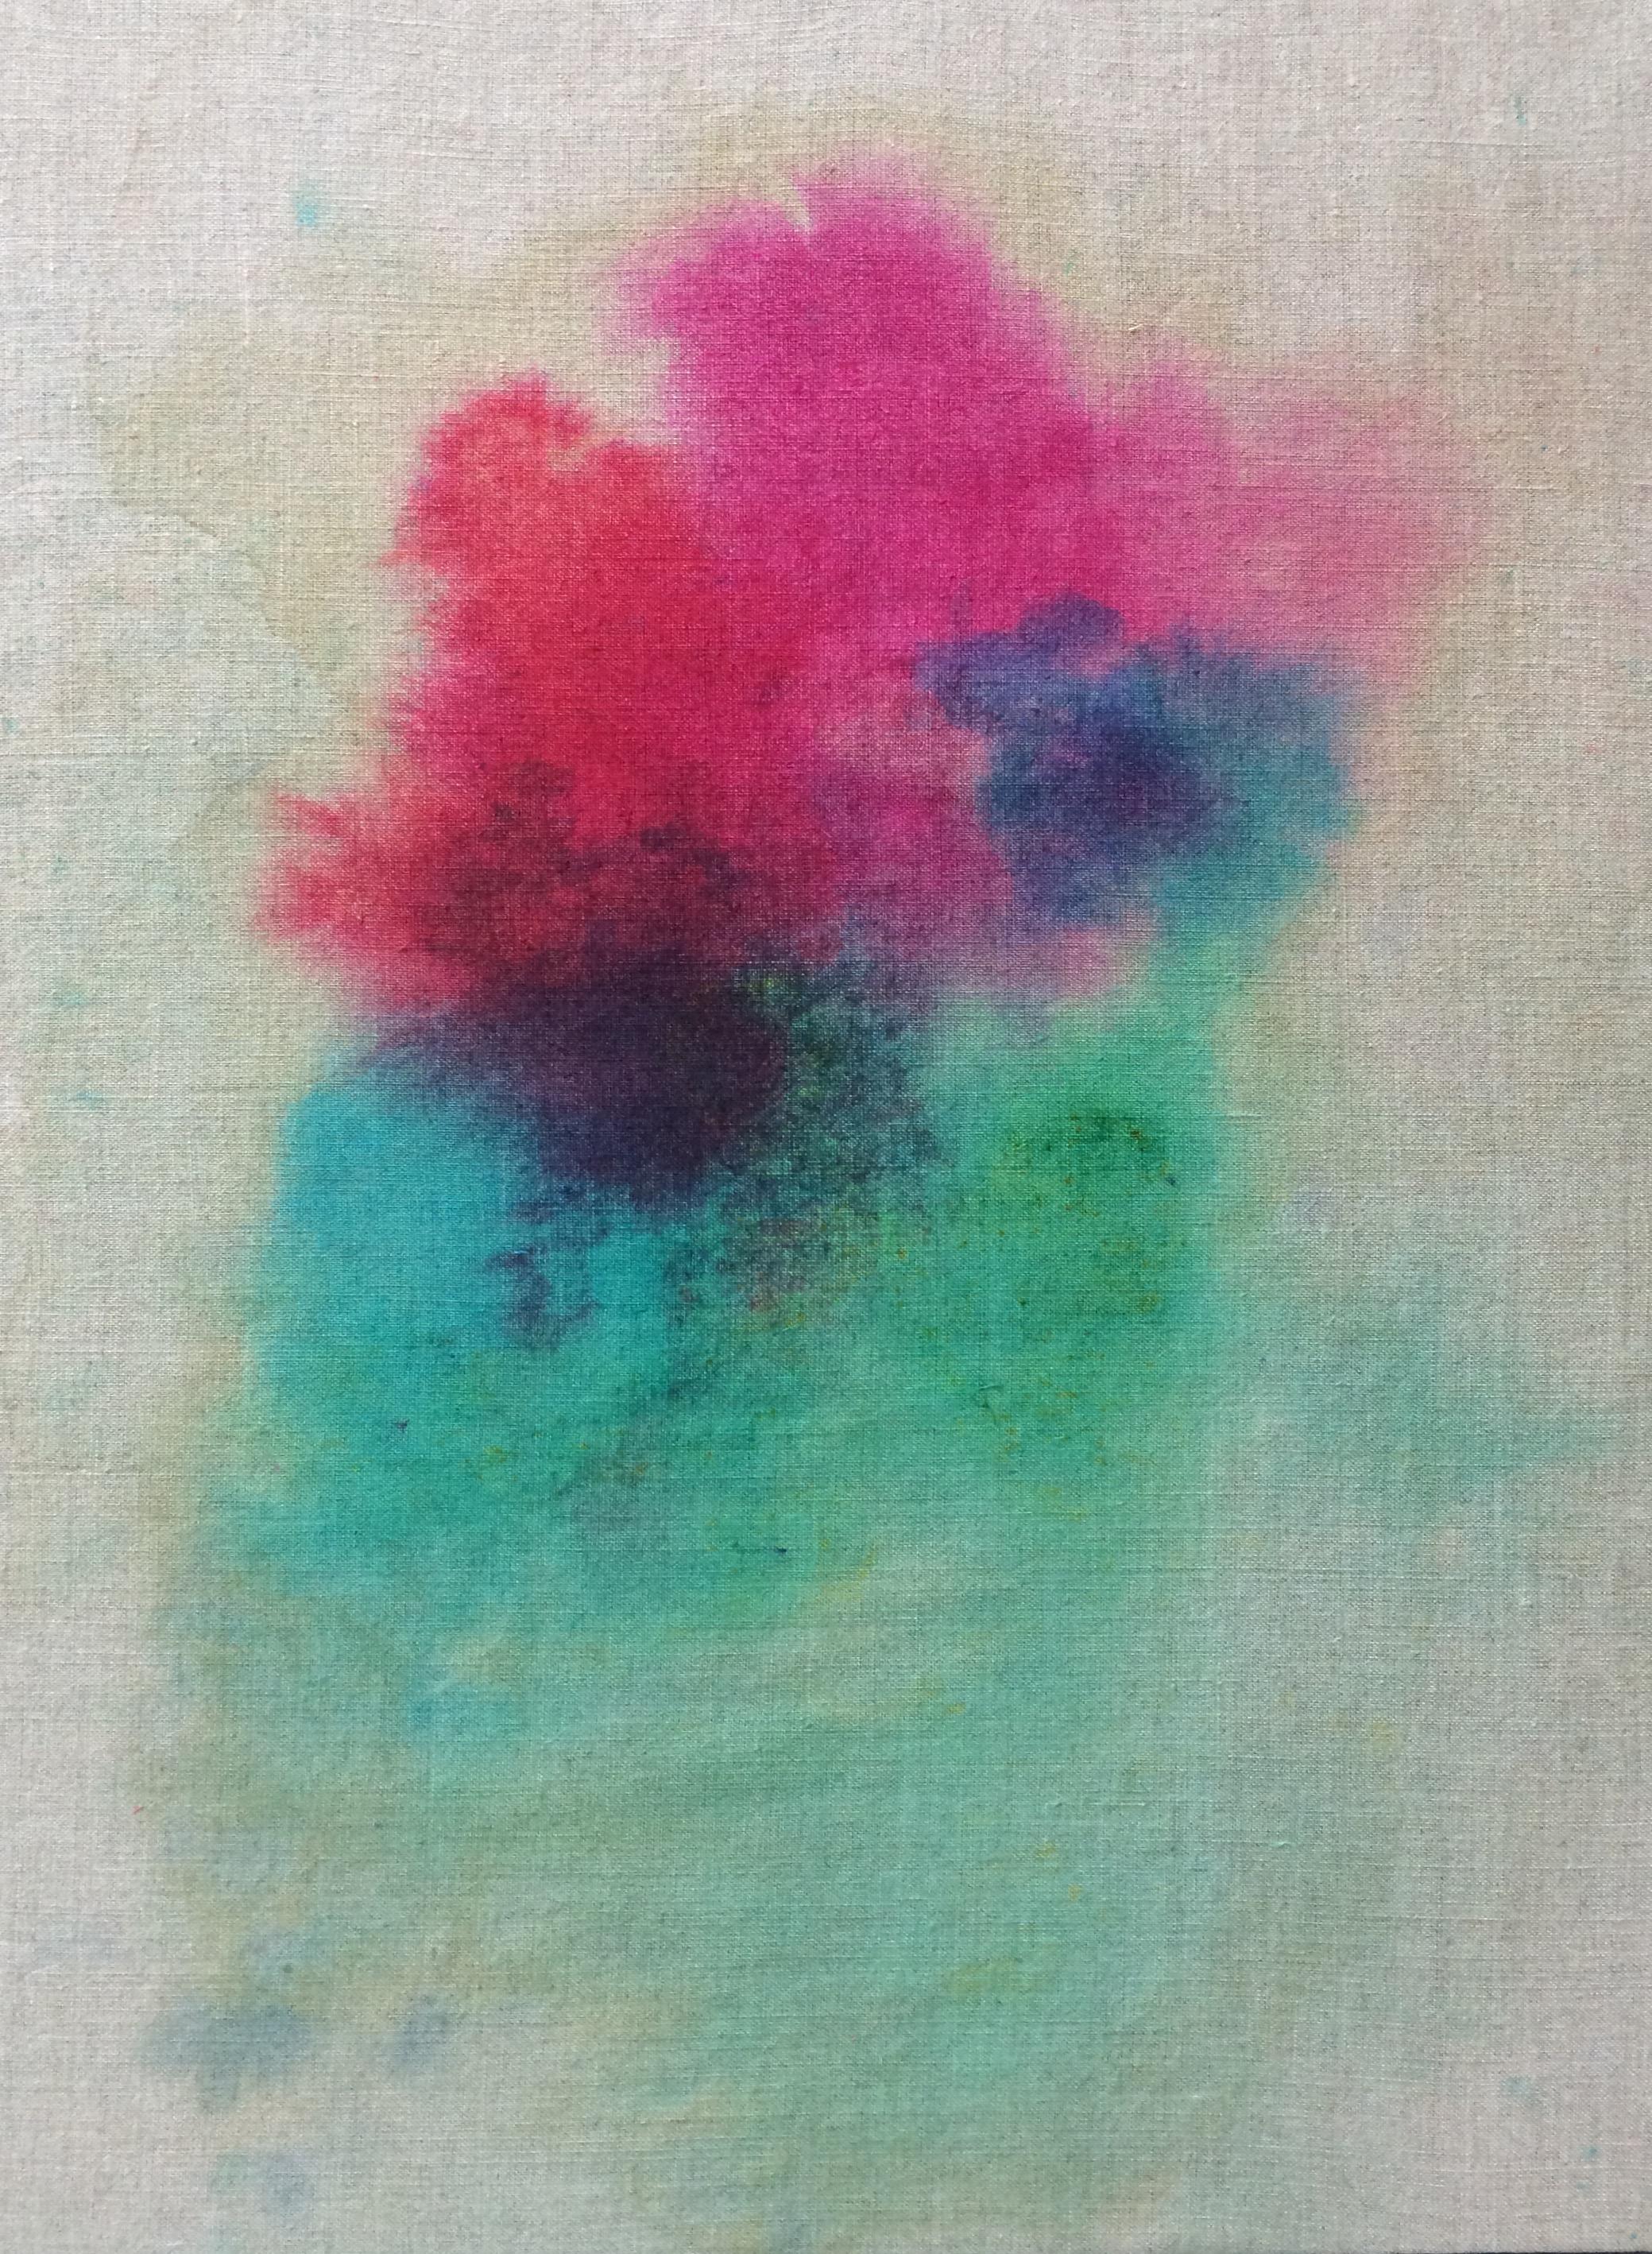 Fabric dye on unprimed canvas Buy $250 Rent $80 week